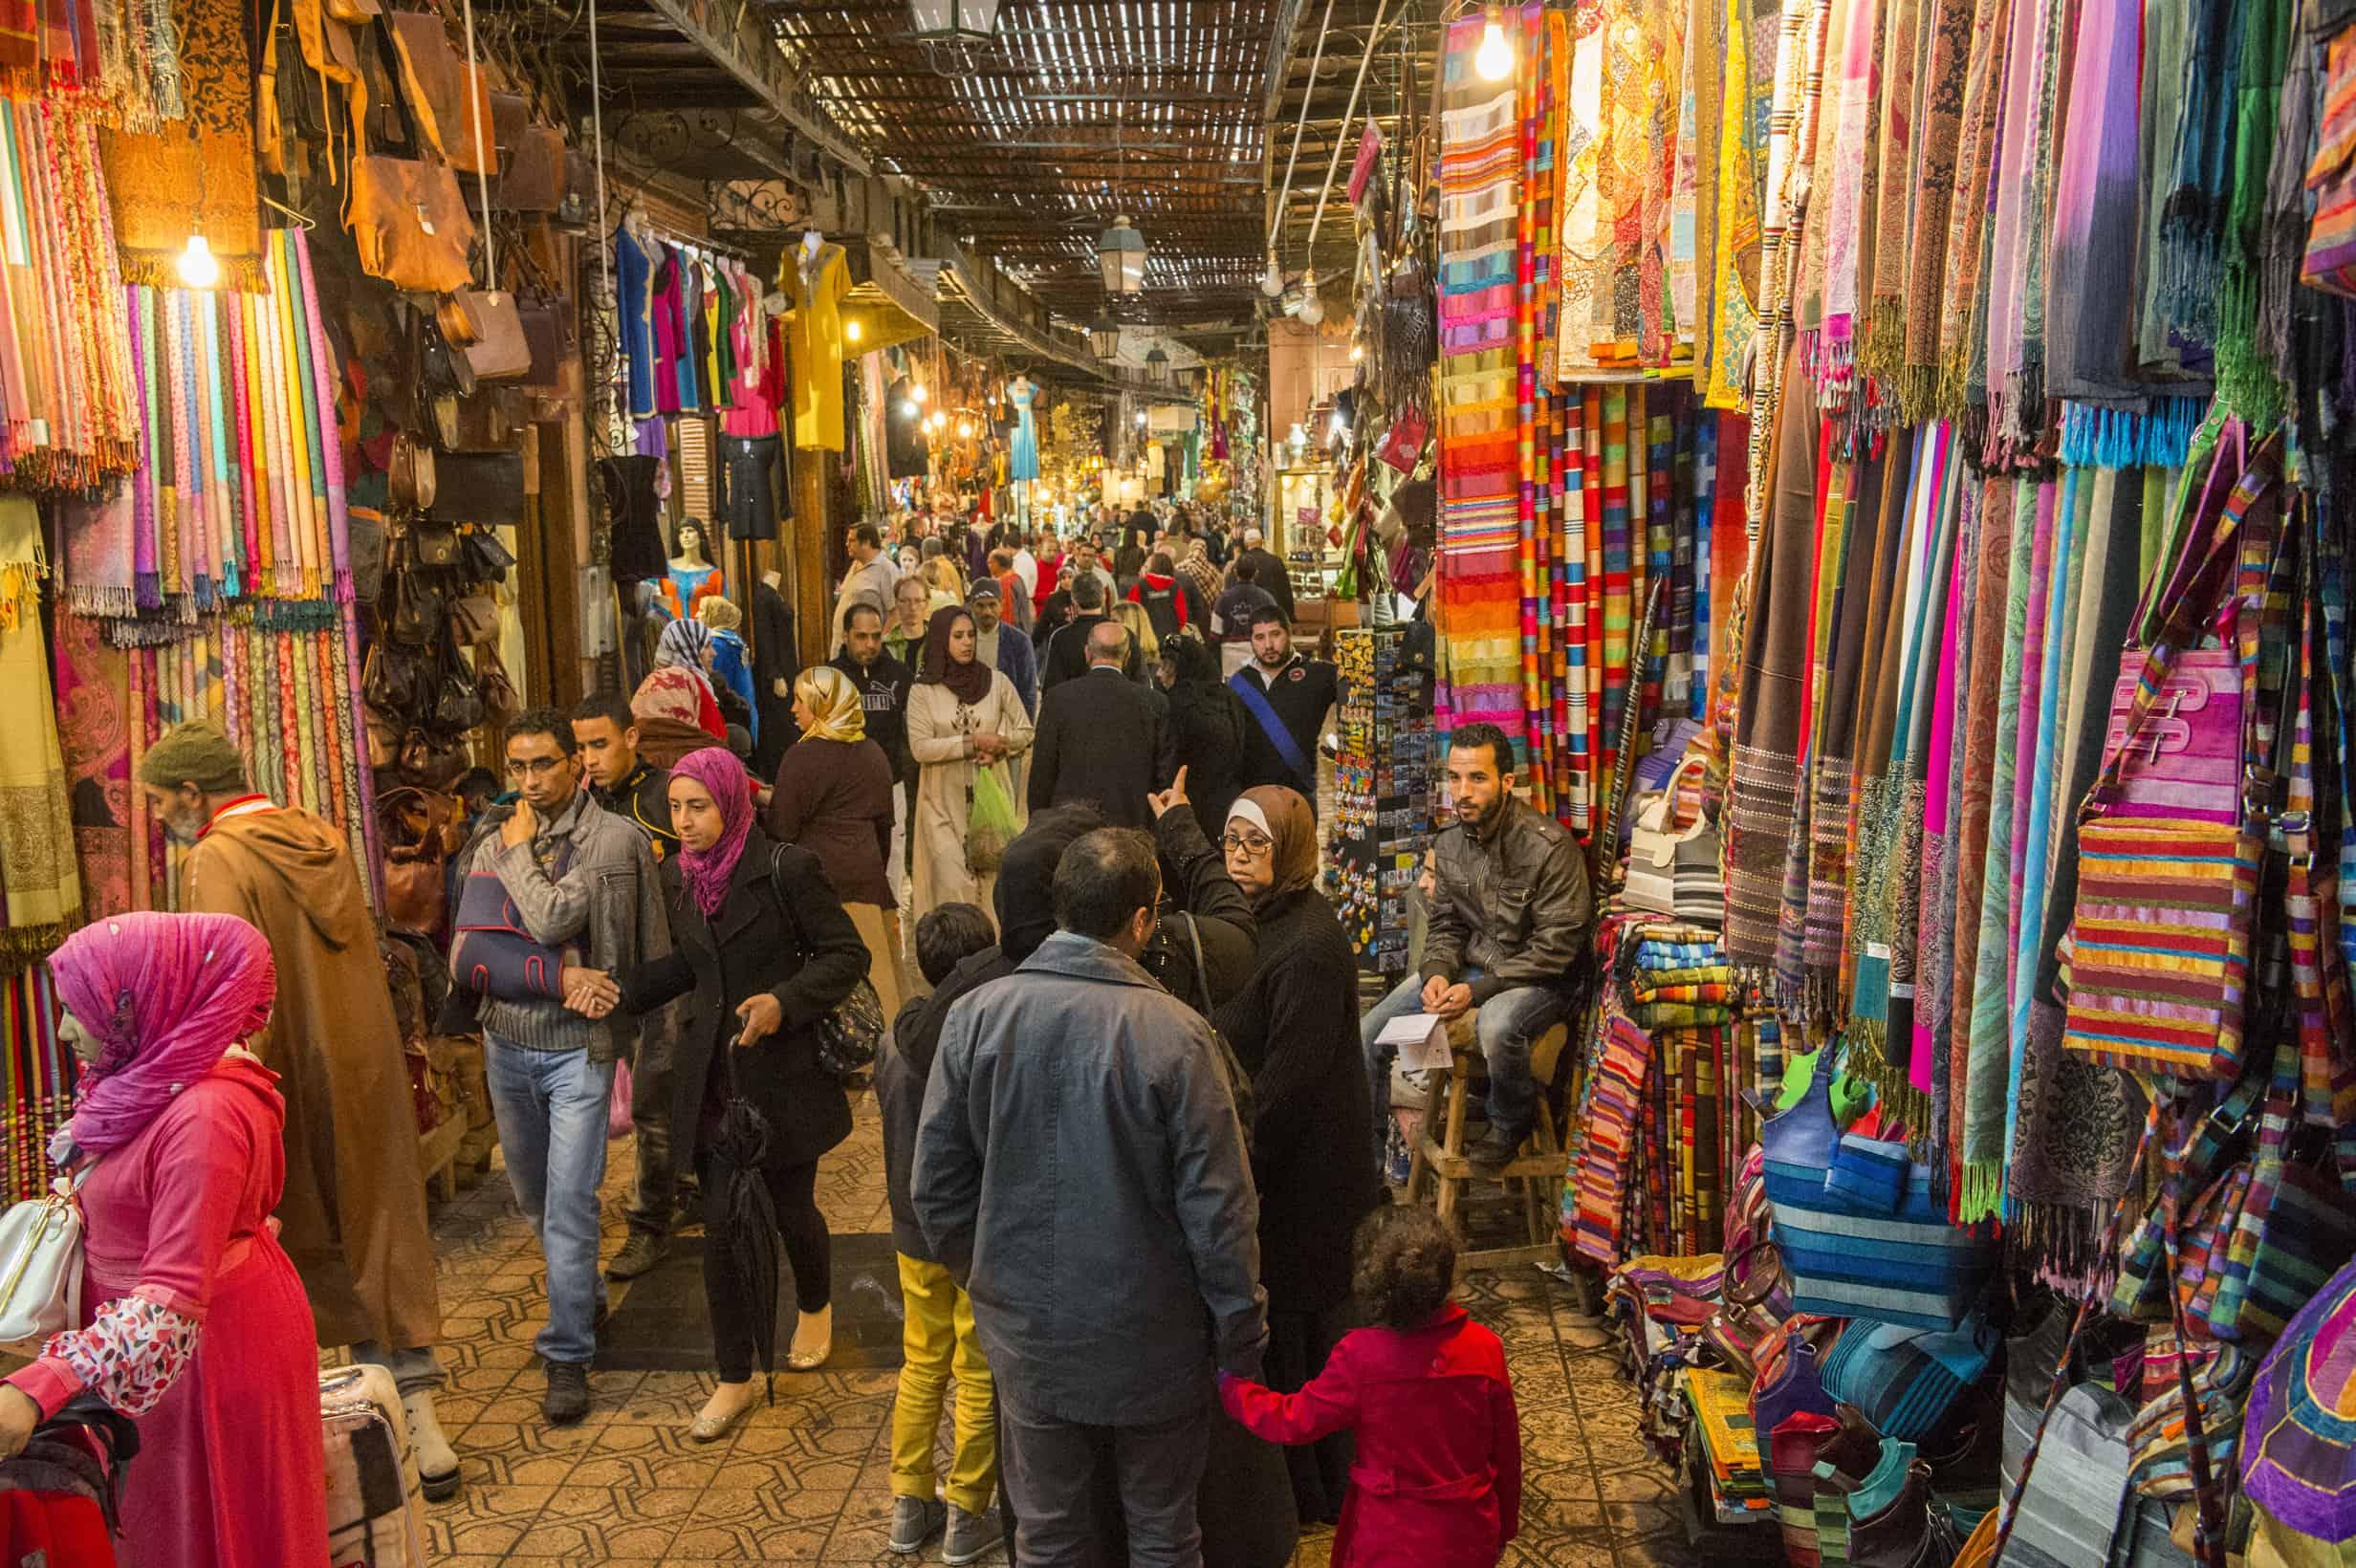 The main bazaar in Marrakech